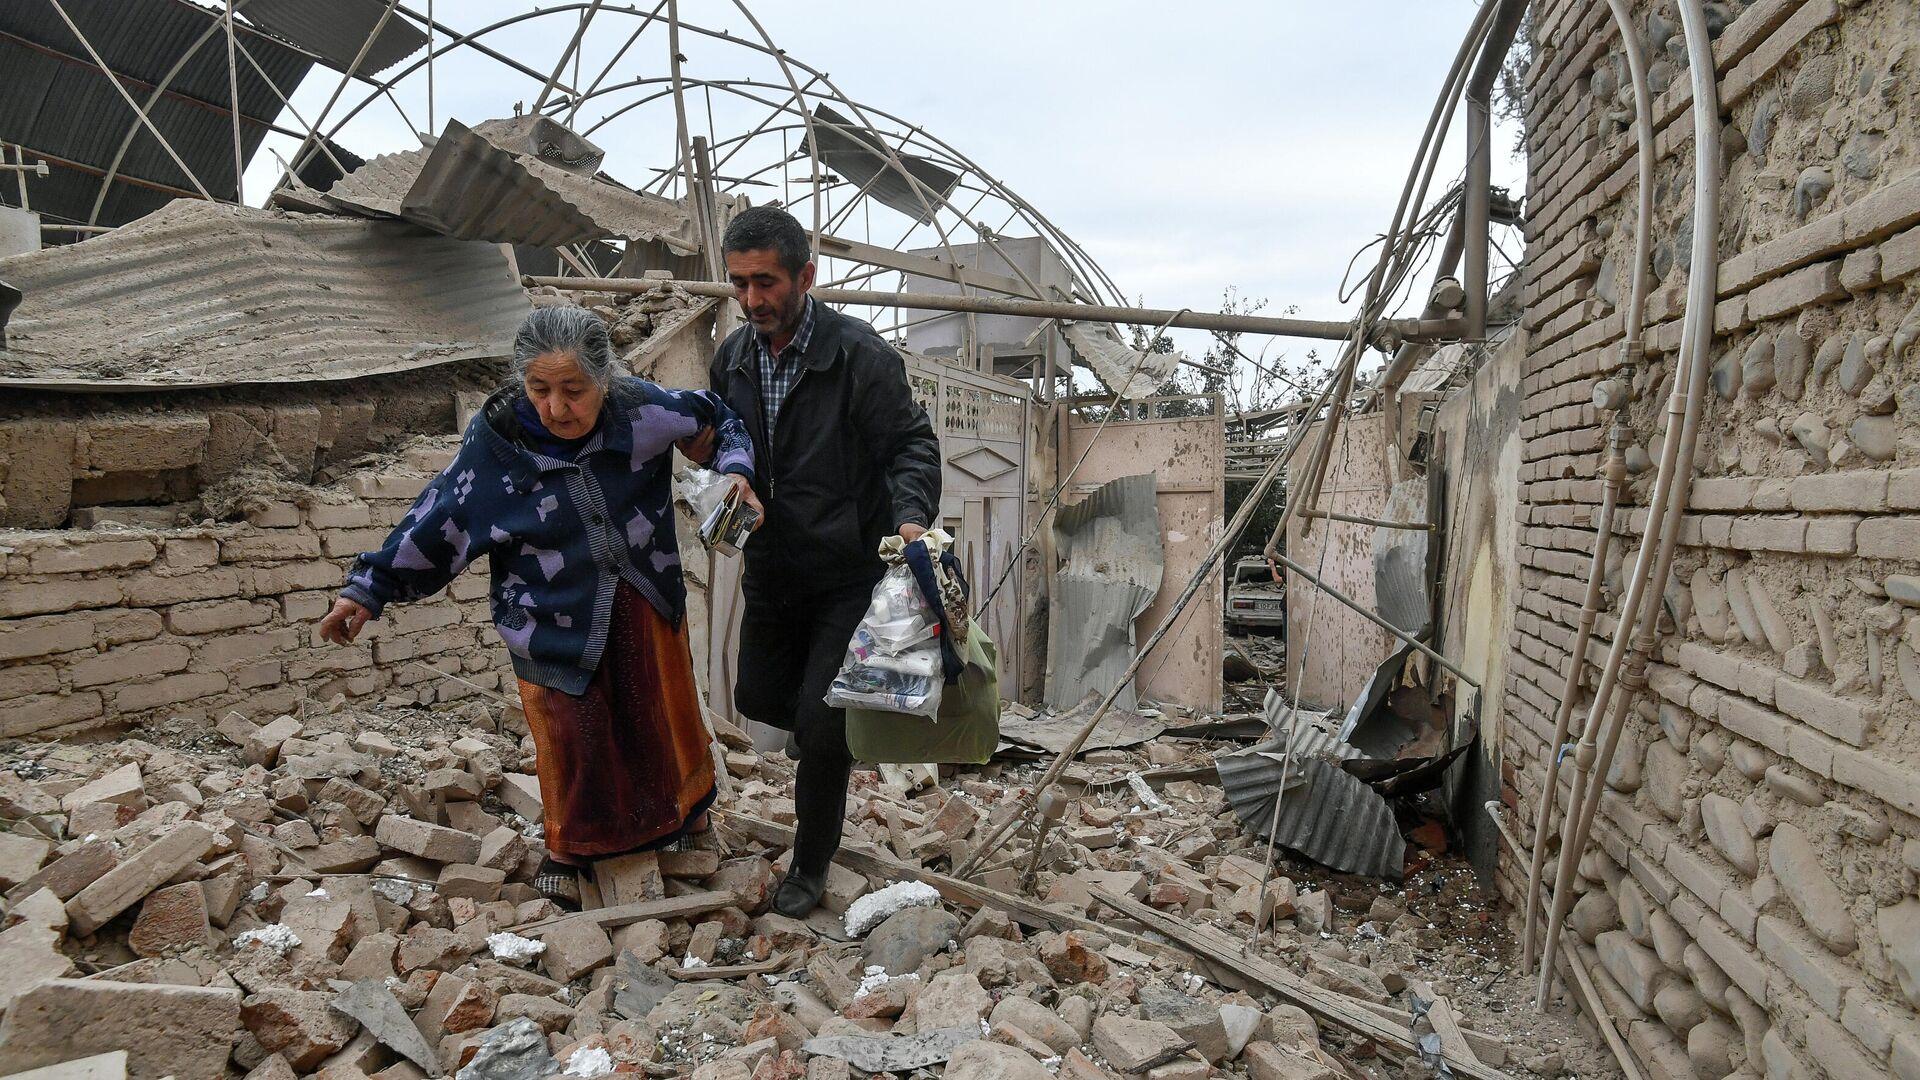 Жители дома, разрушенного в результате обстрела города Гянджа - РИА Новости, 1920, 09.10.2020